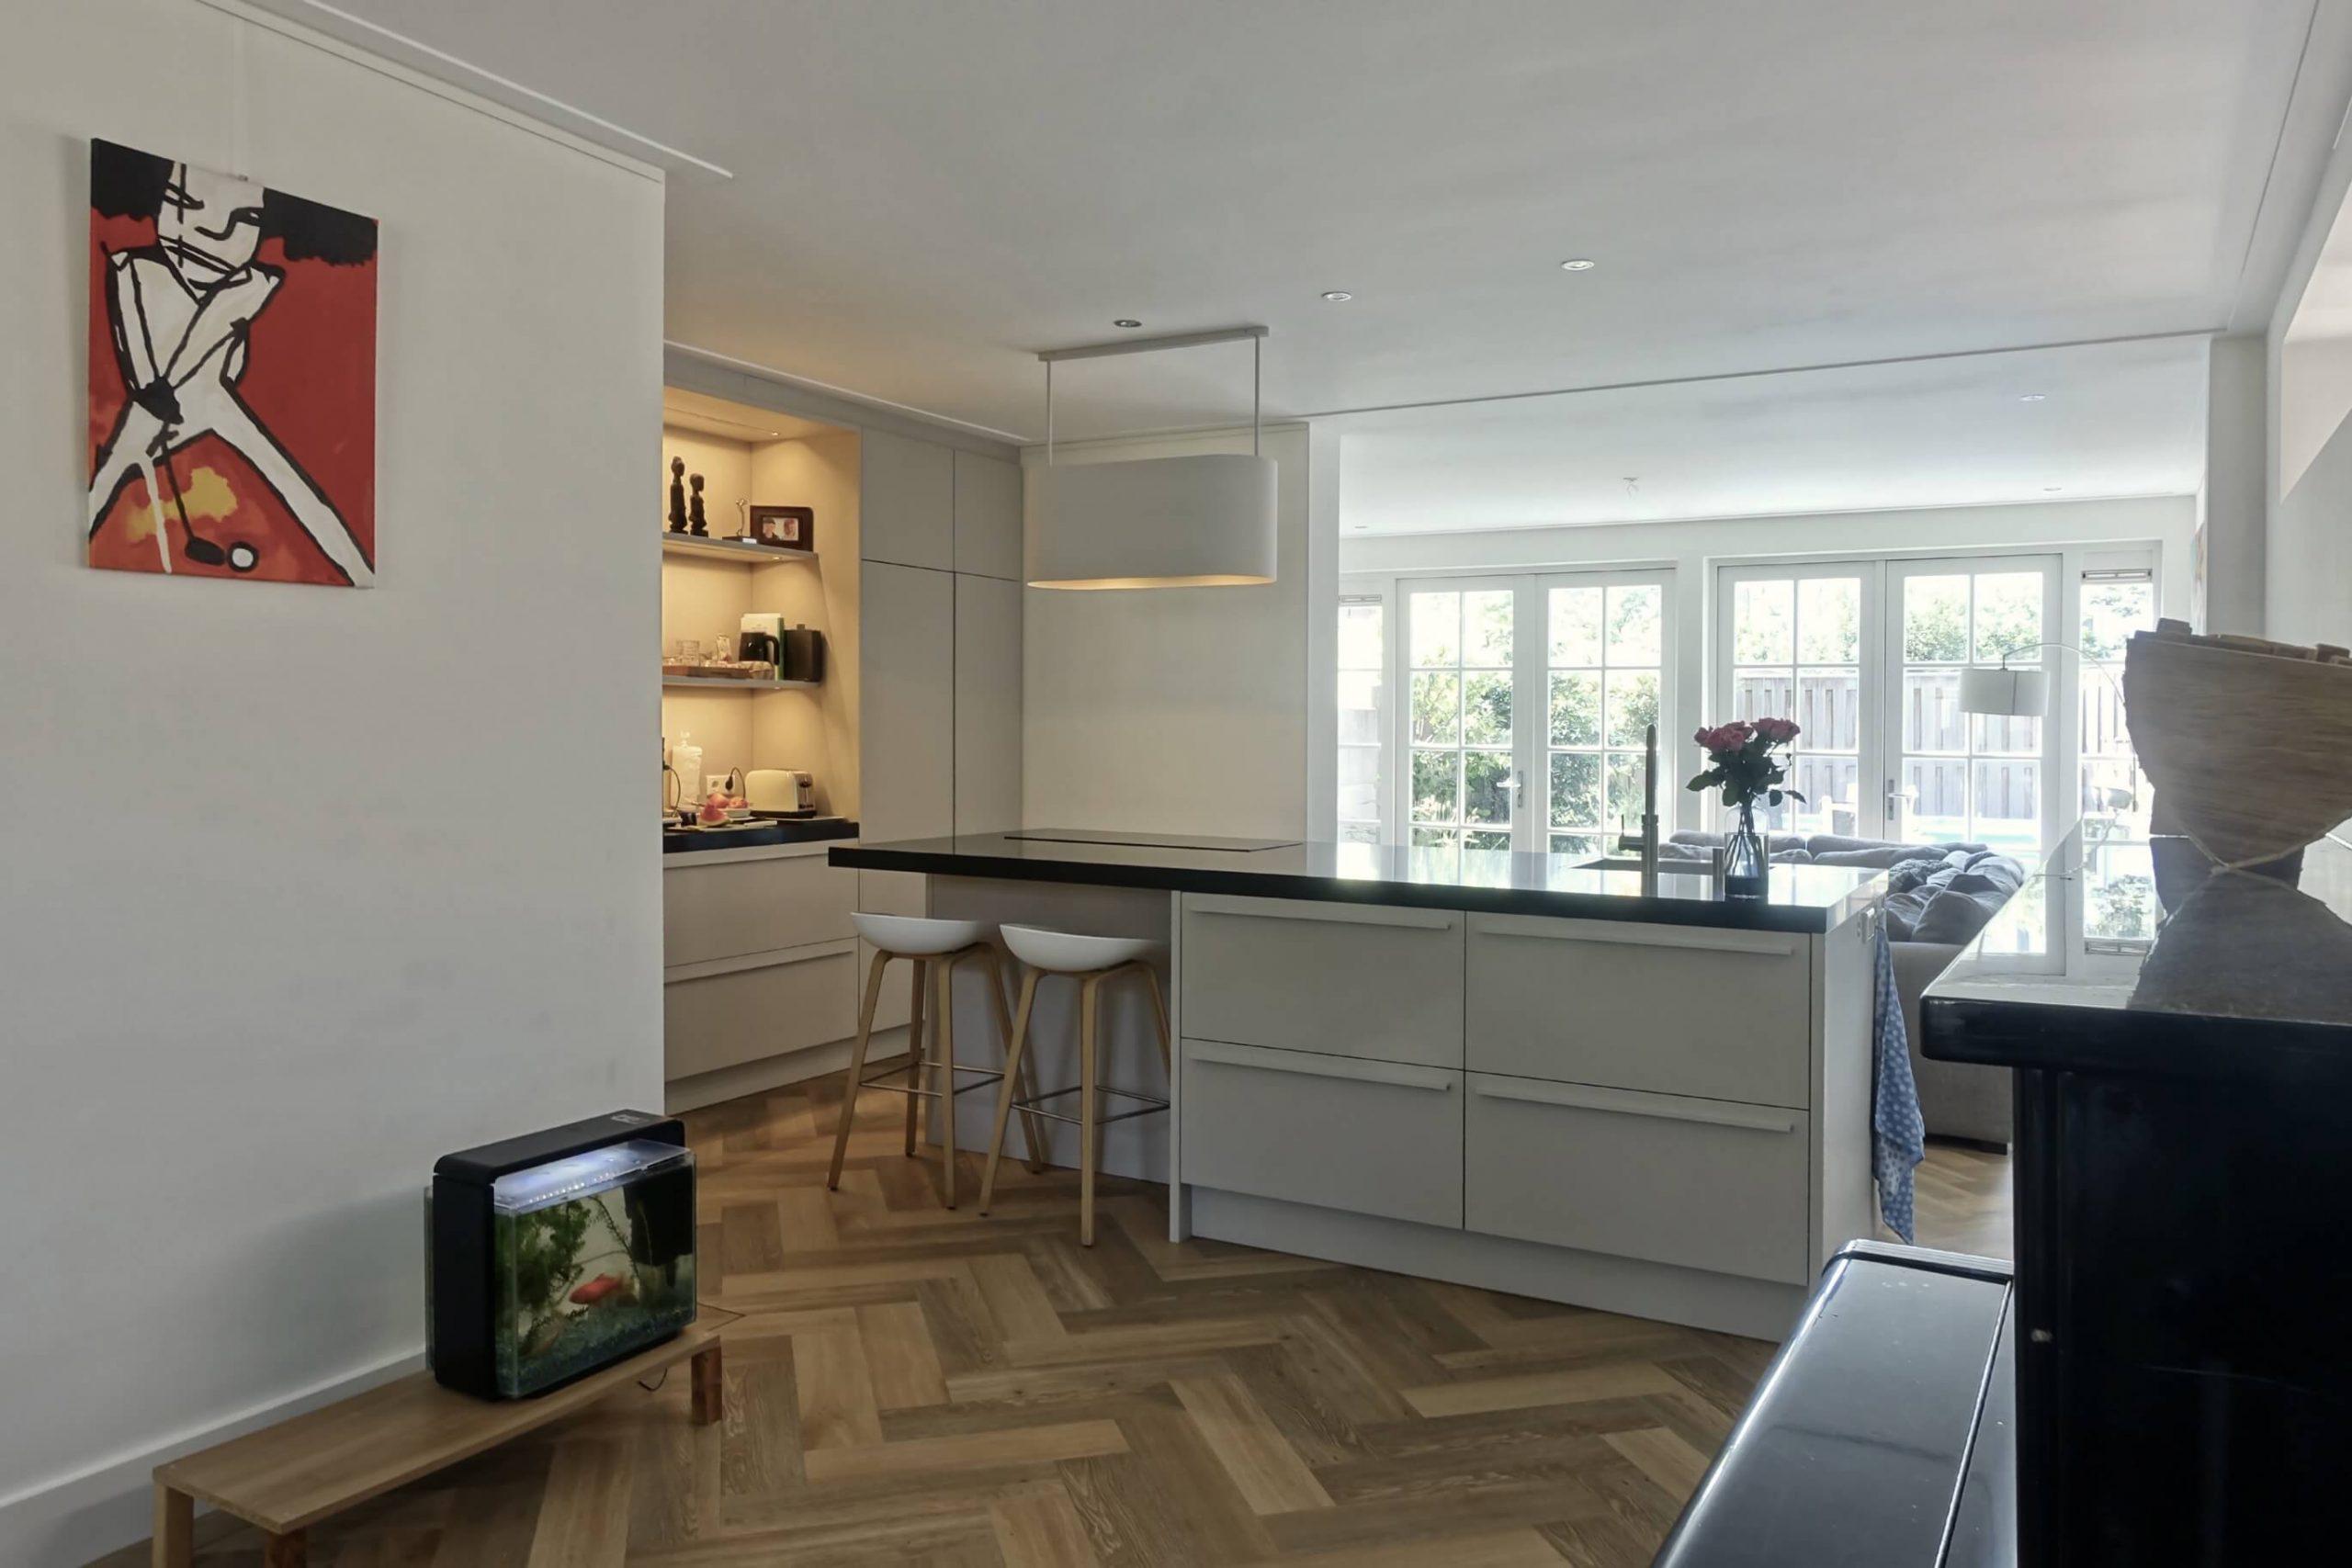 designkeuken met kookeiland in ruime woning